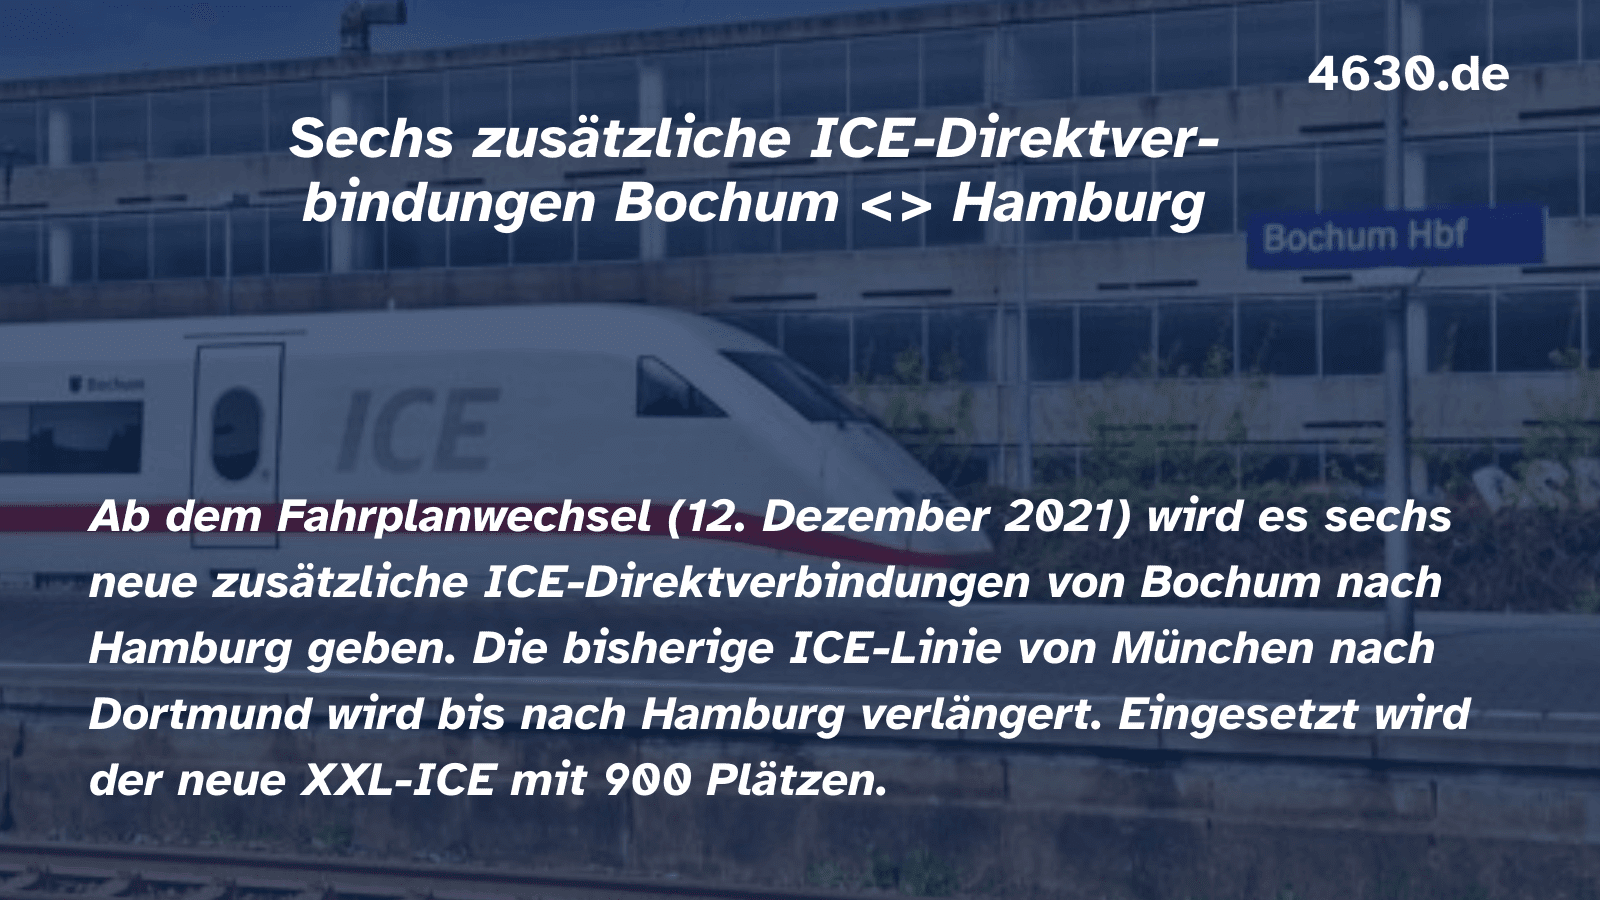 Sechs zusätzliche ICE-Direktverbindungen zwischen Bochum und Hamburg